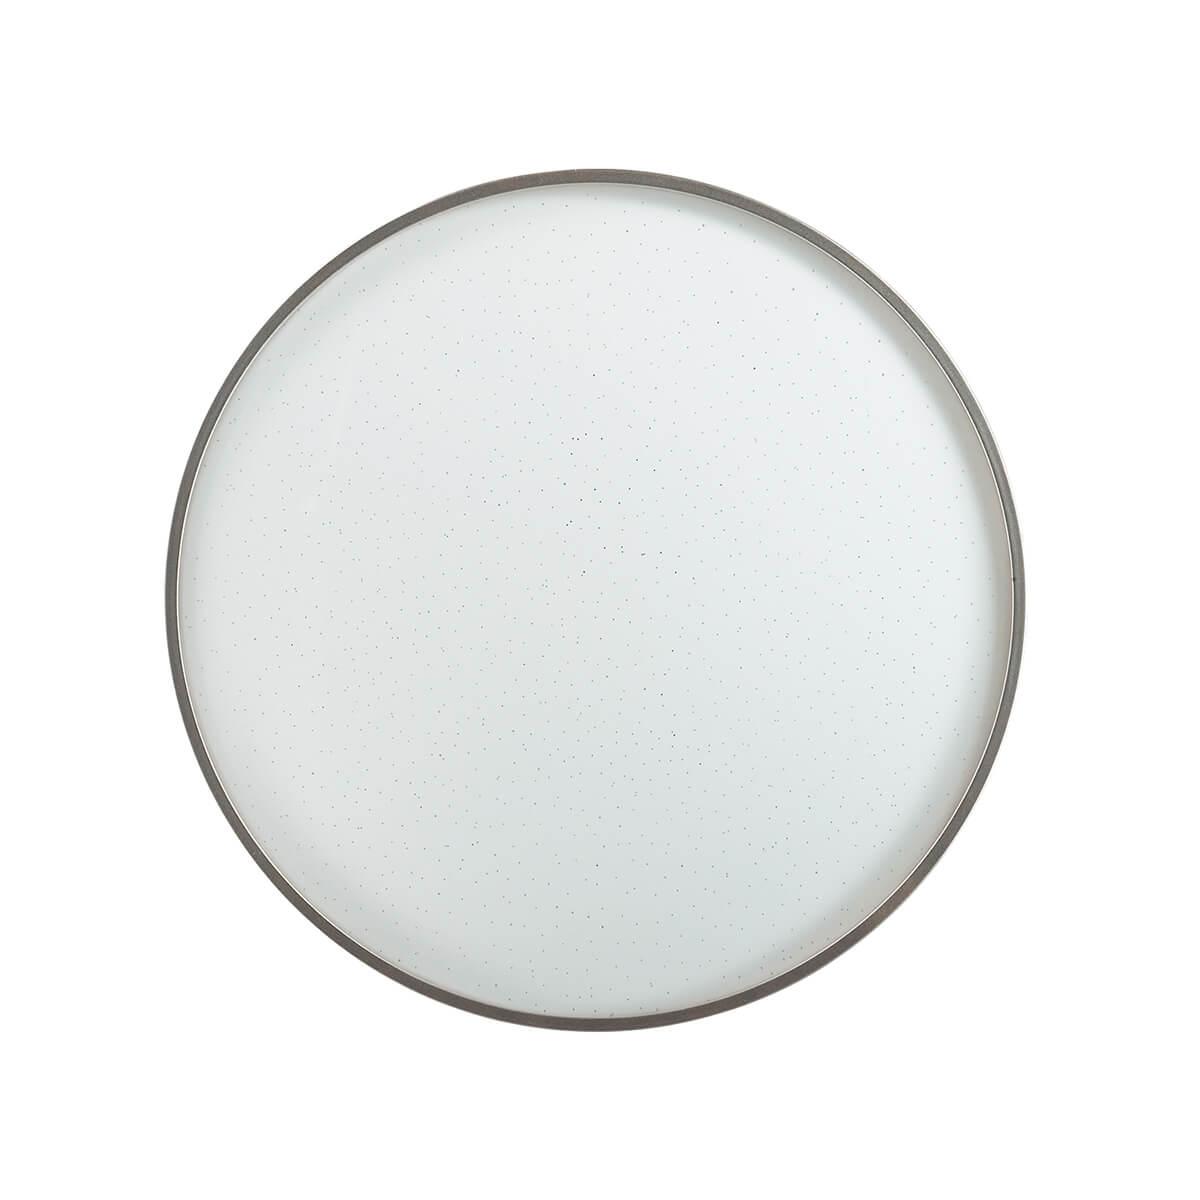 Светильник Sonex 2076/DL светильник sonex 3012 dl